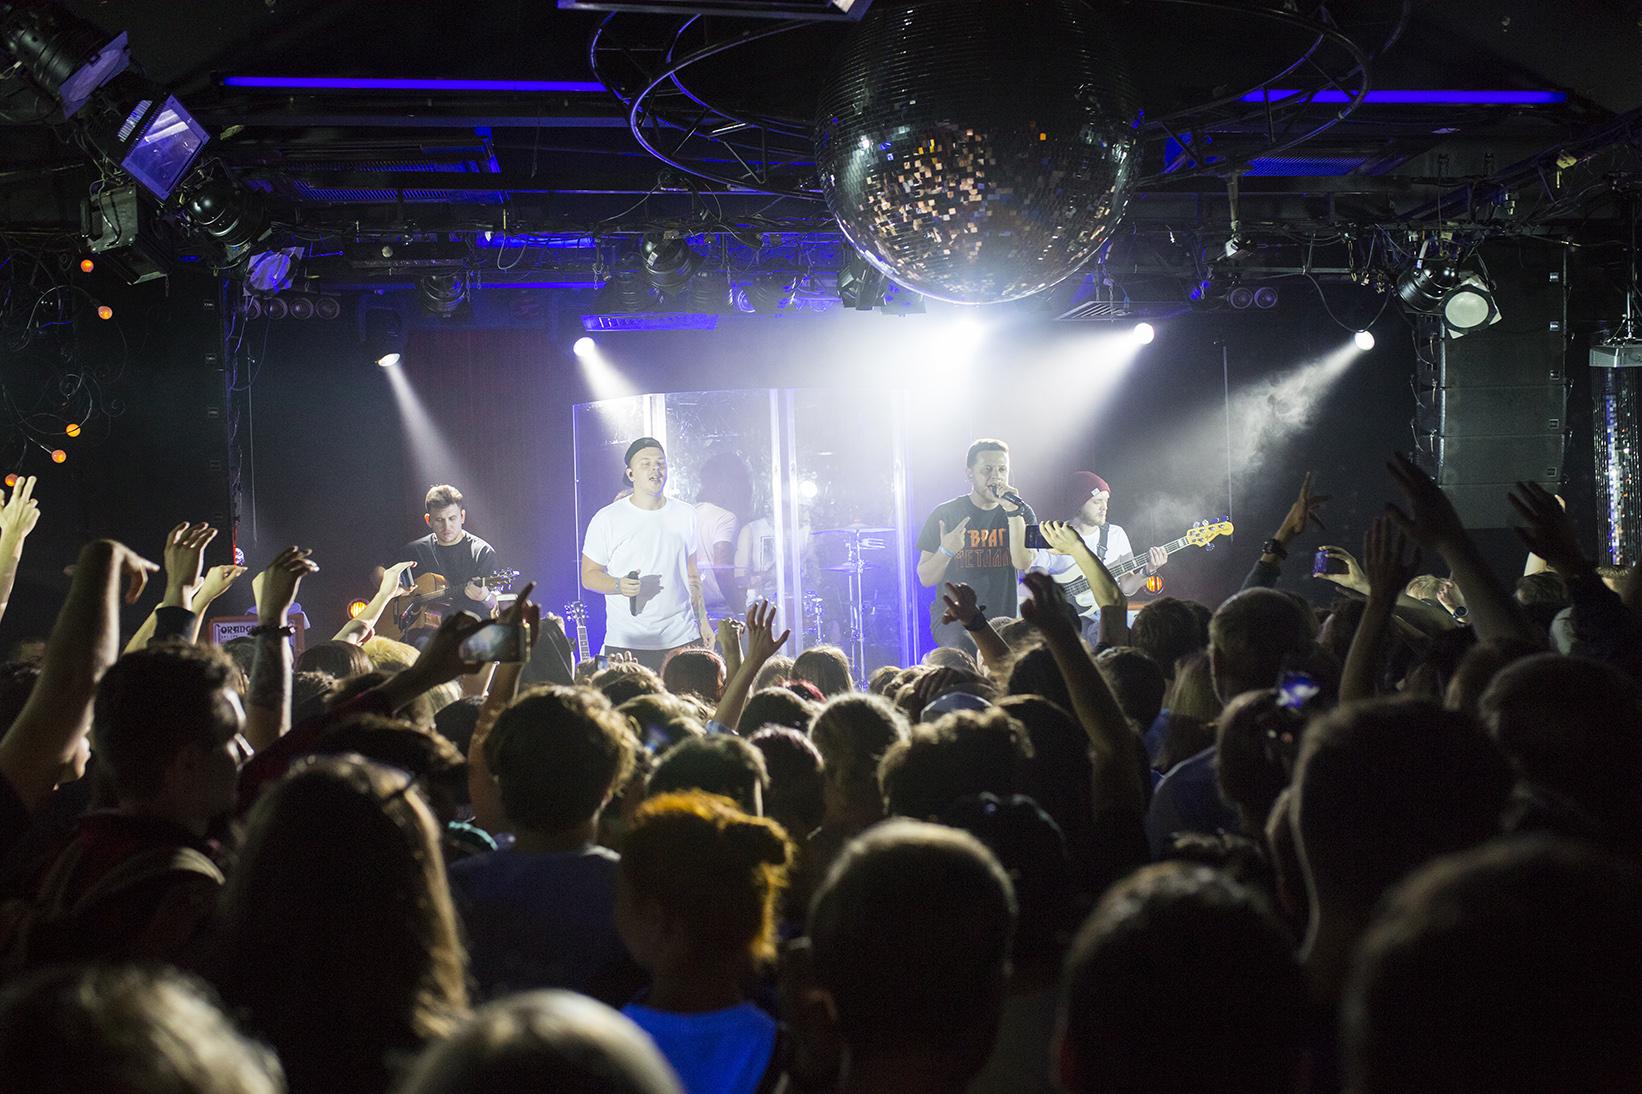 Фото Anacondaz, Единственный клубный концерт